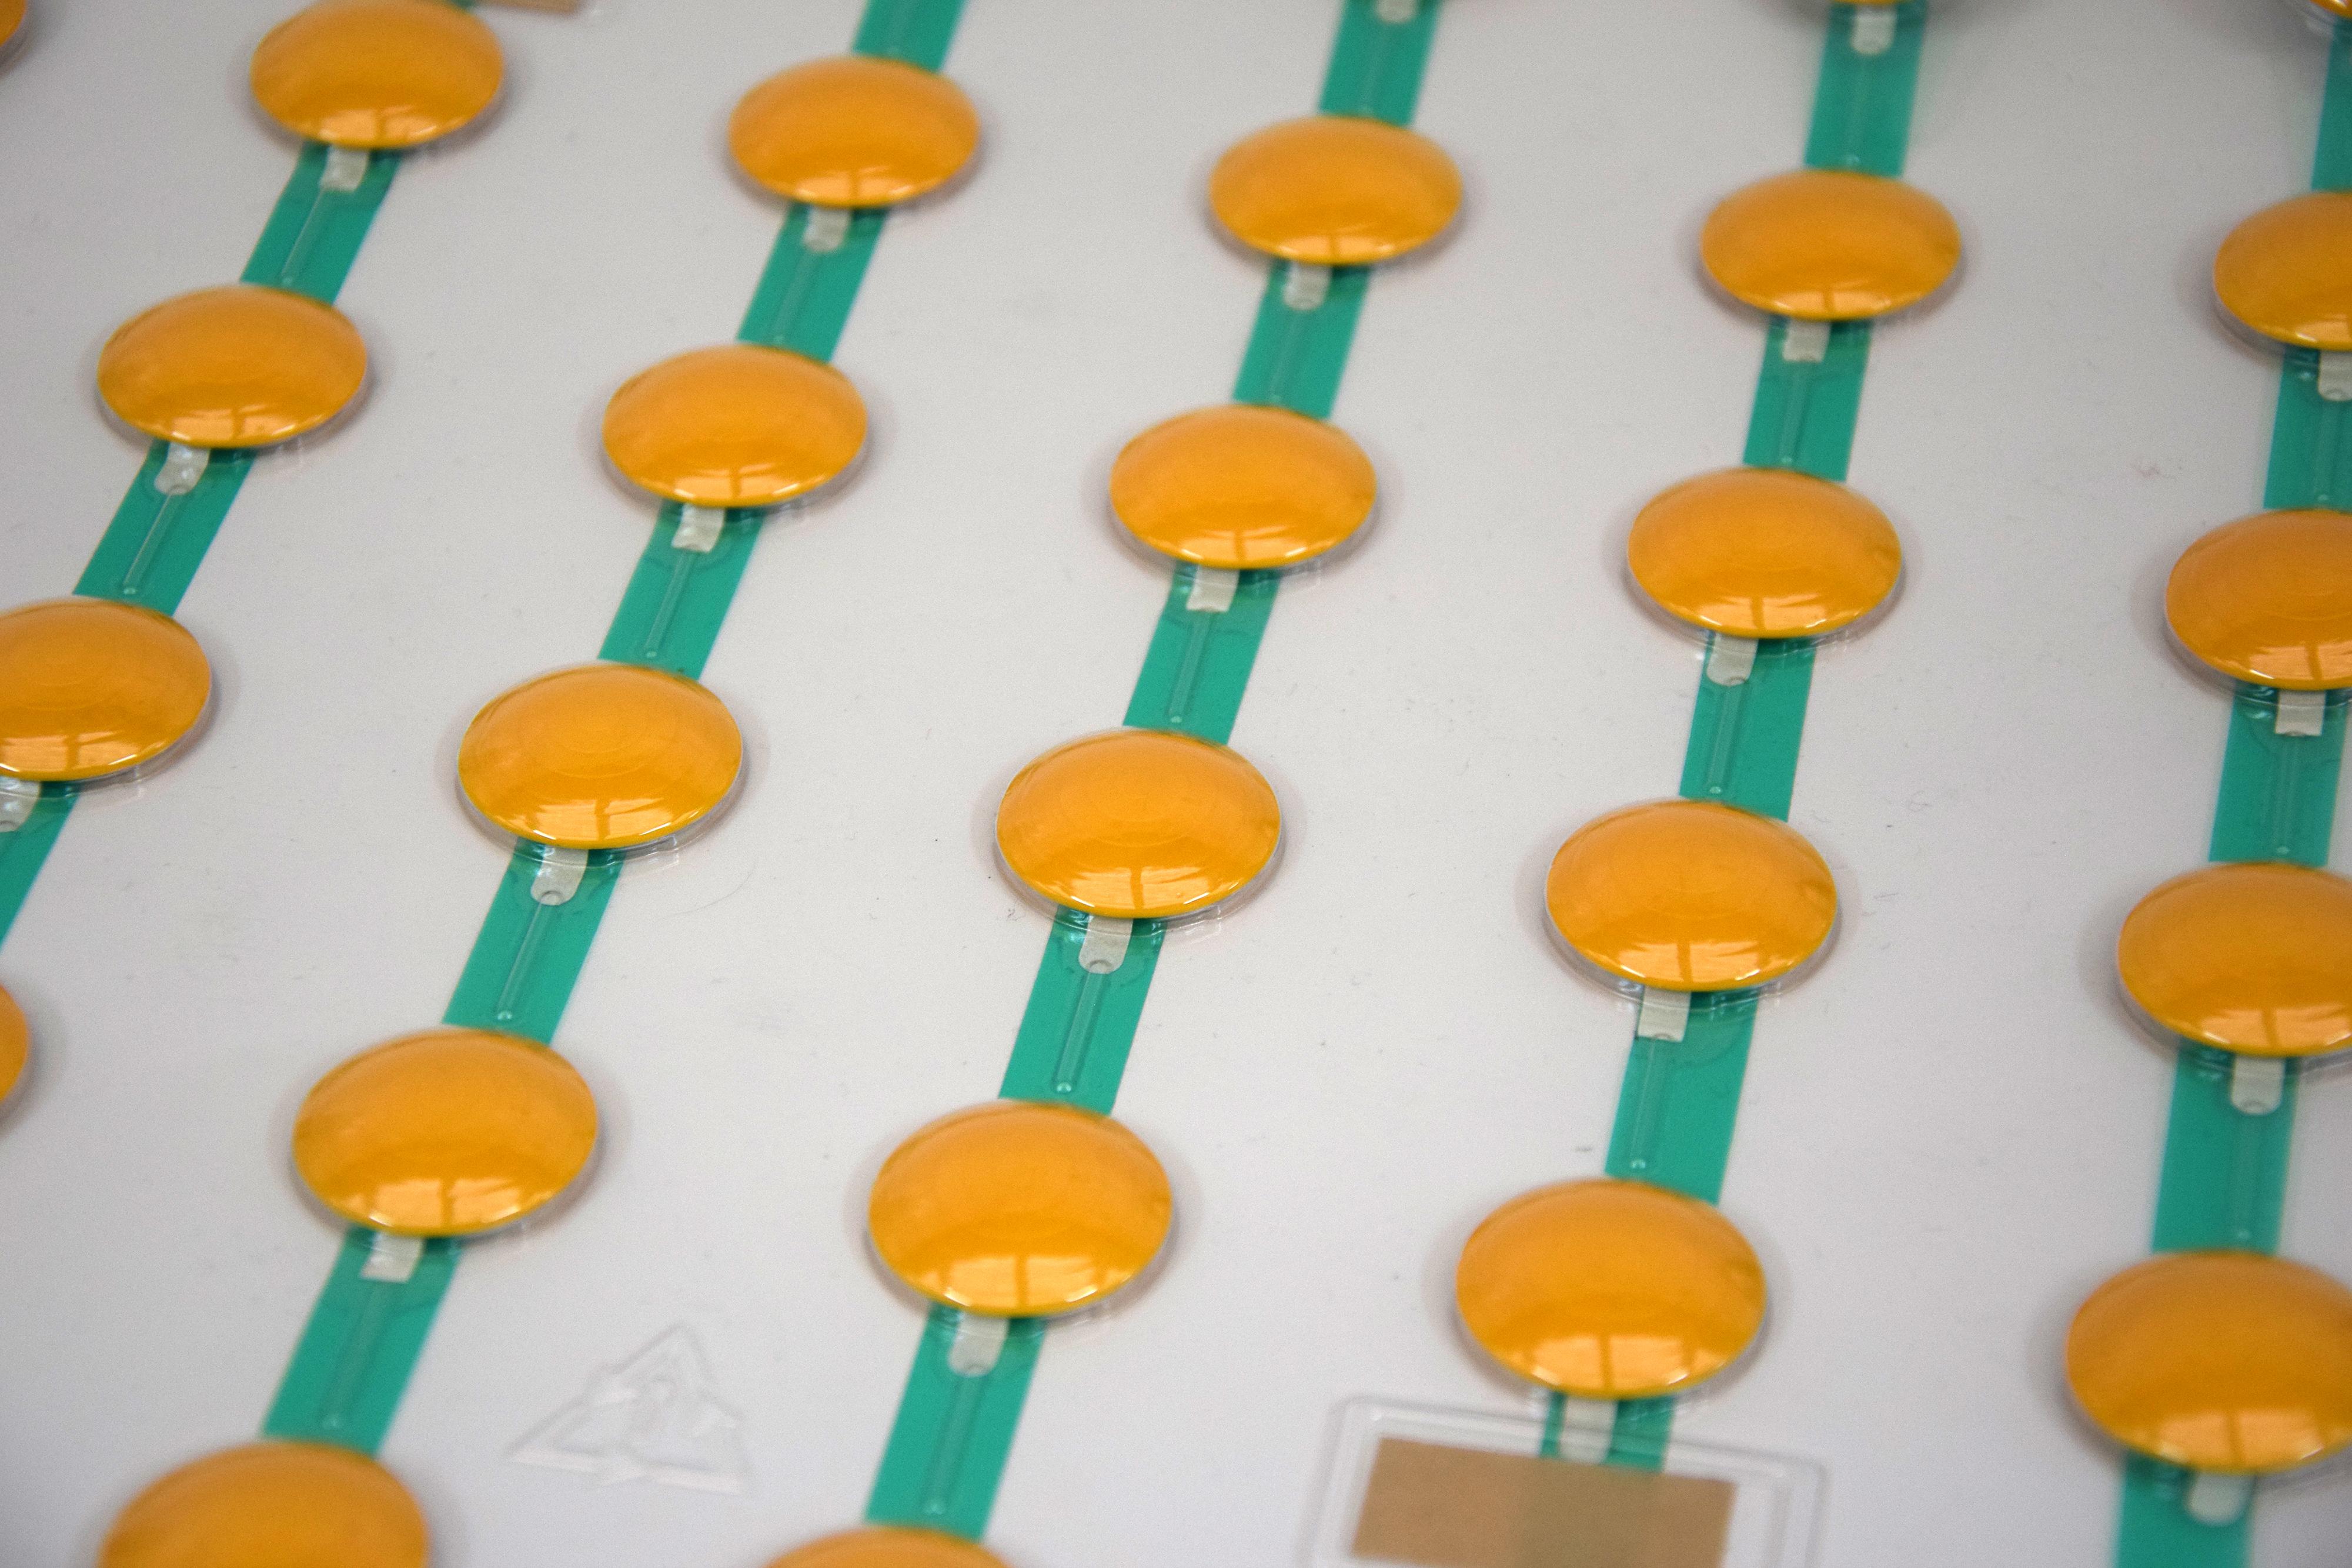 botones amarillos para composición de cruces y avisos